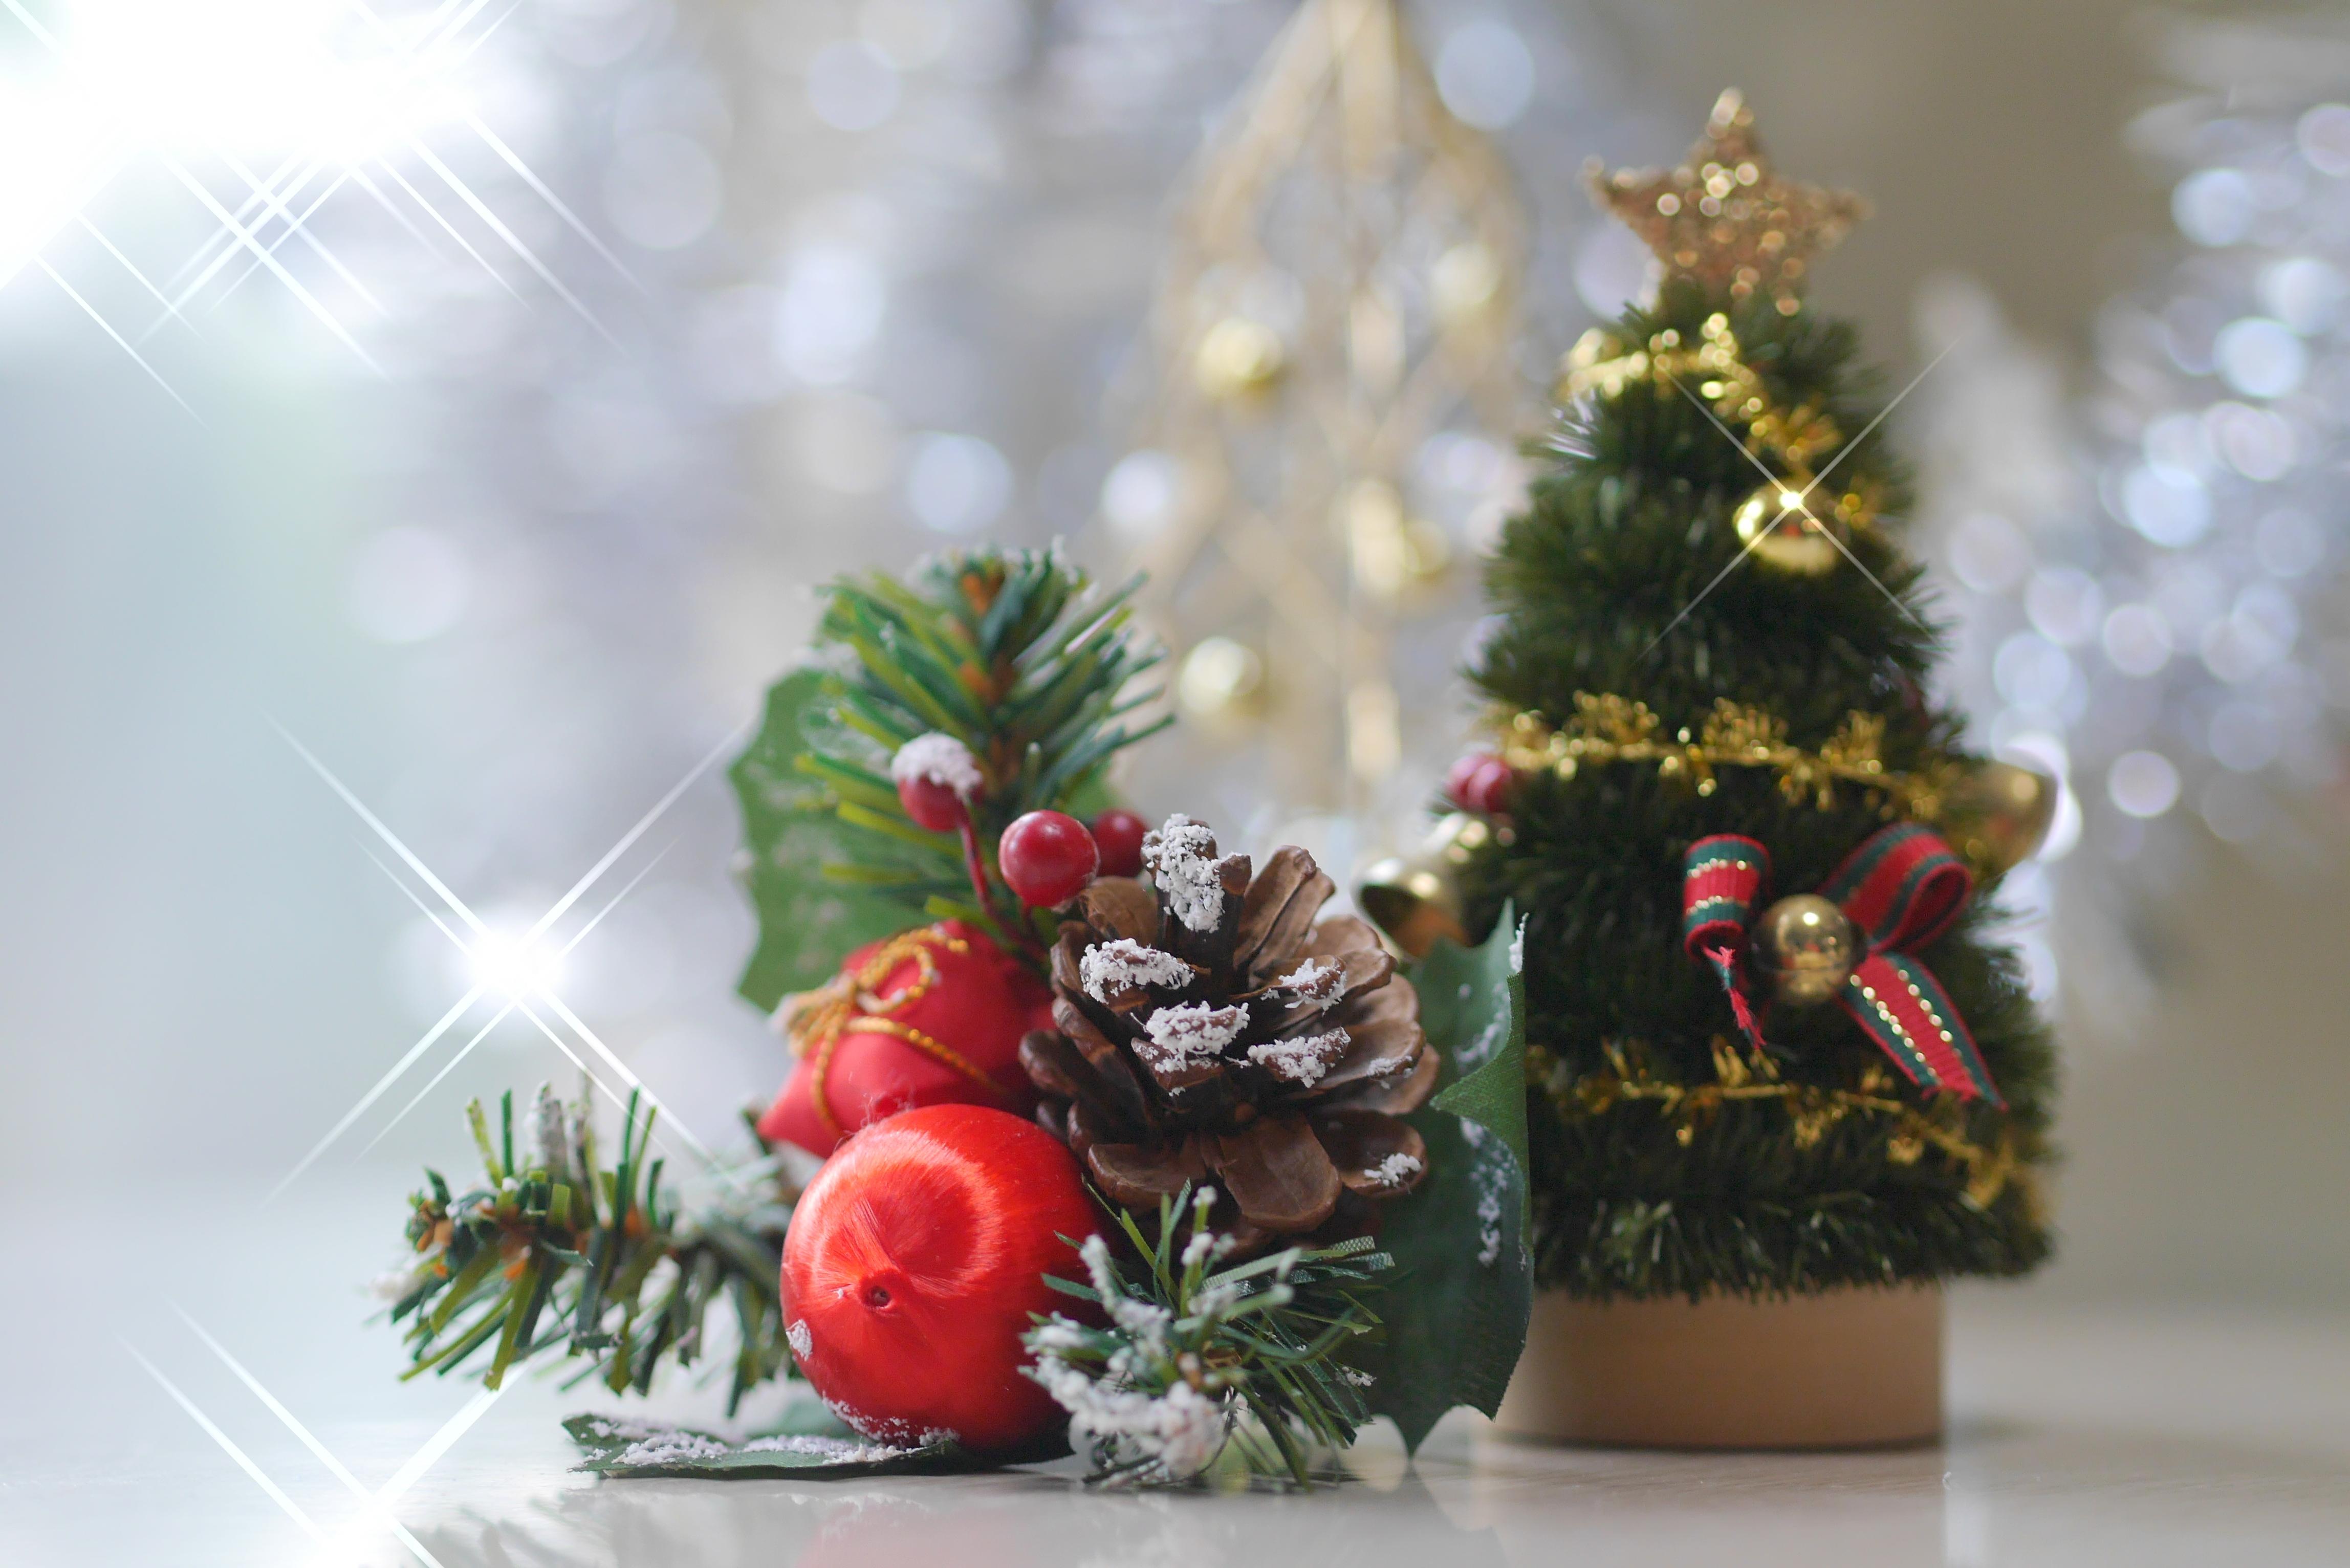 遠距離恋愛でもクリスマスデート出来る!バーチャルリアリティ活用術